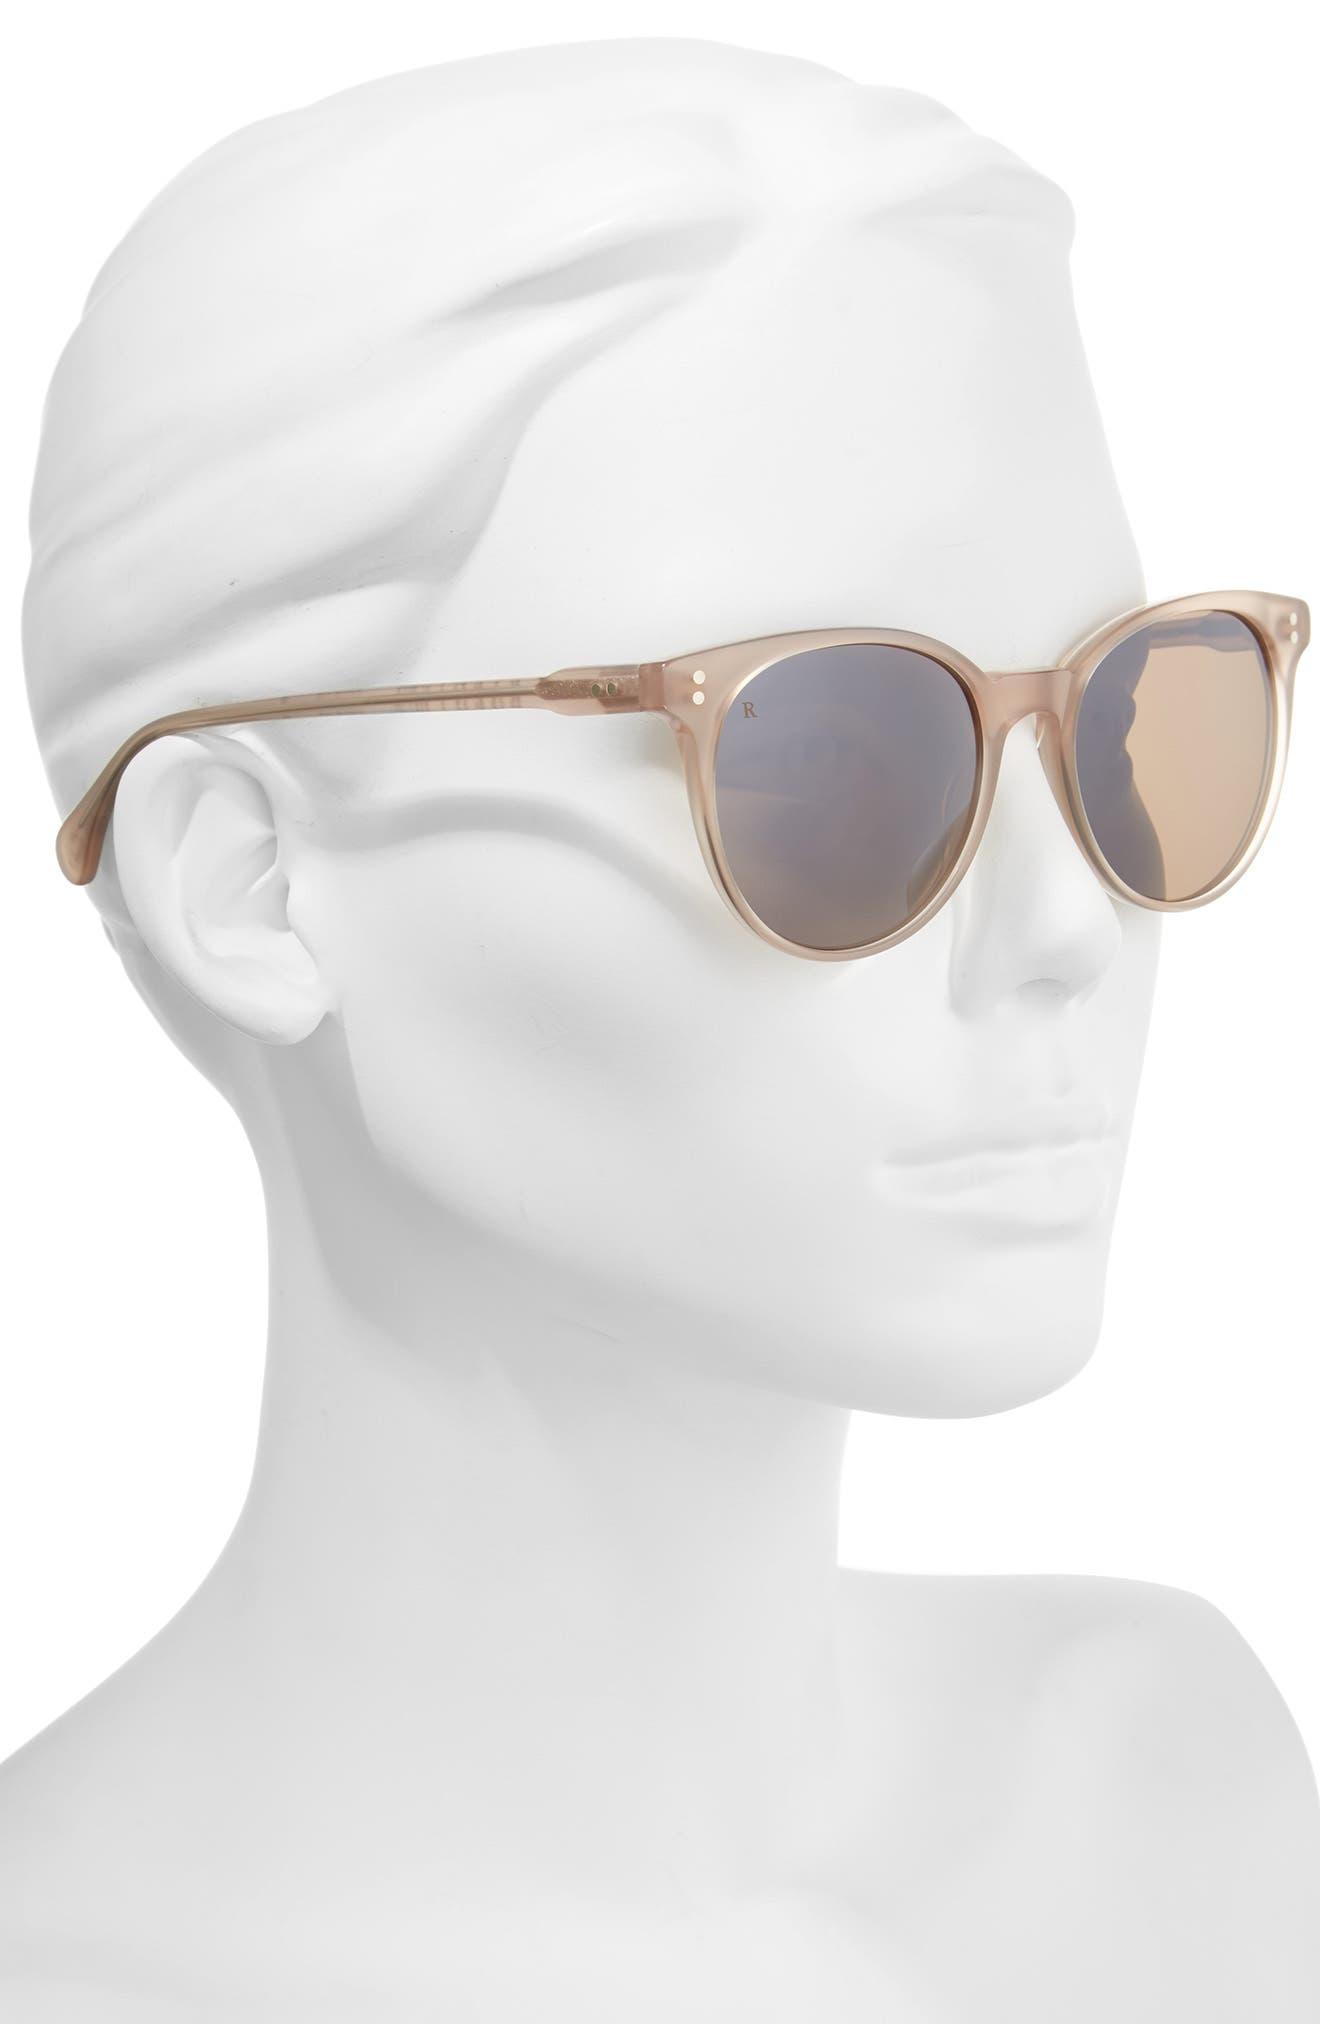 Alternate Image 2  - RAEN Norie 51mm Cat Eye Mirrored Lens Sunglasses